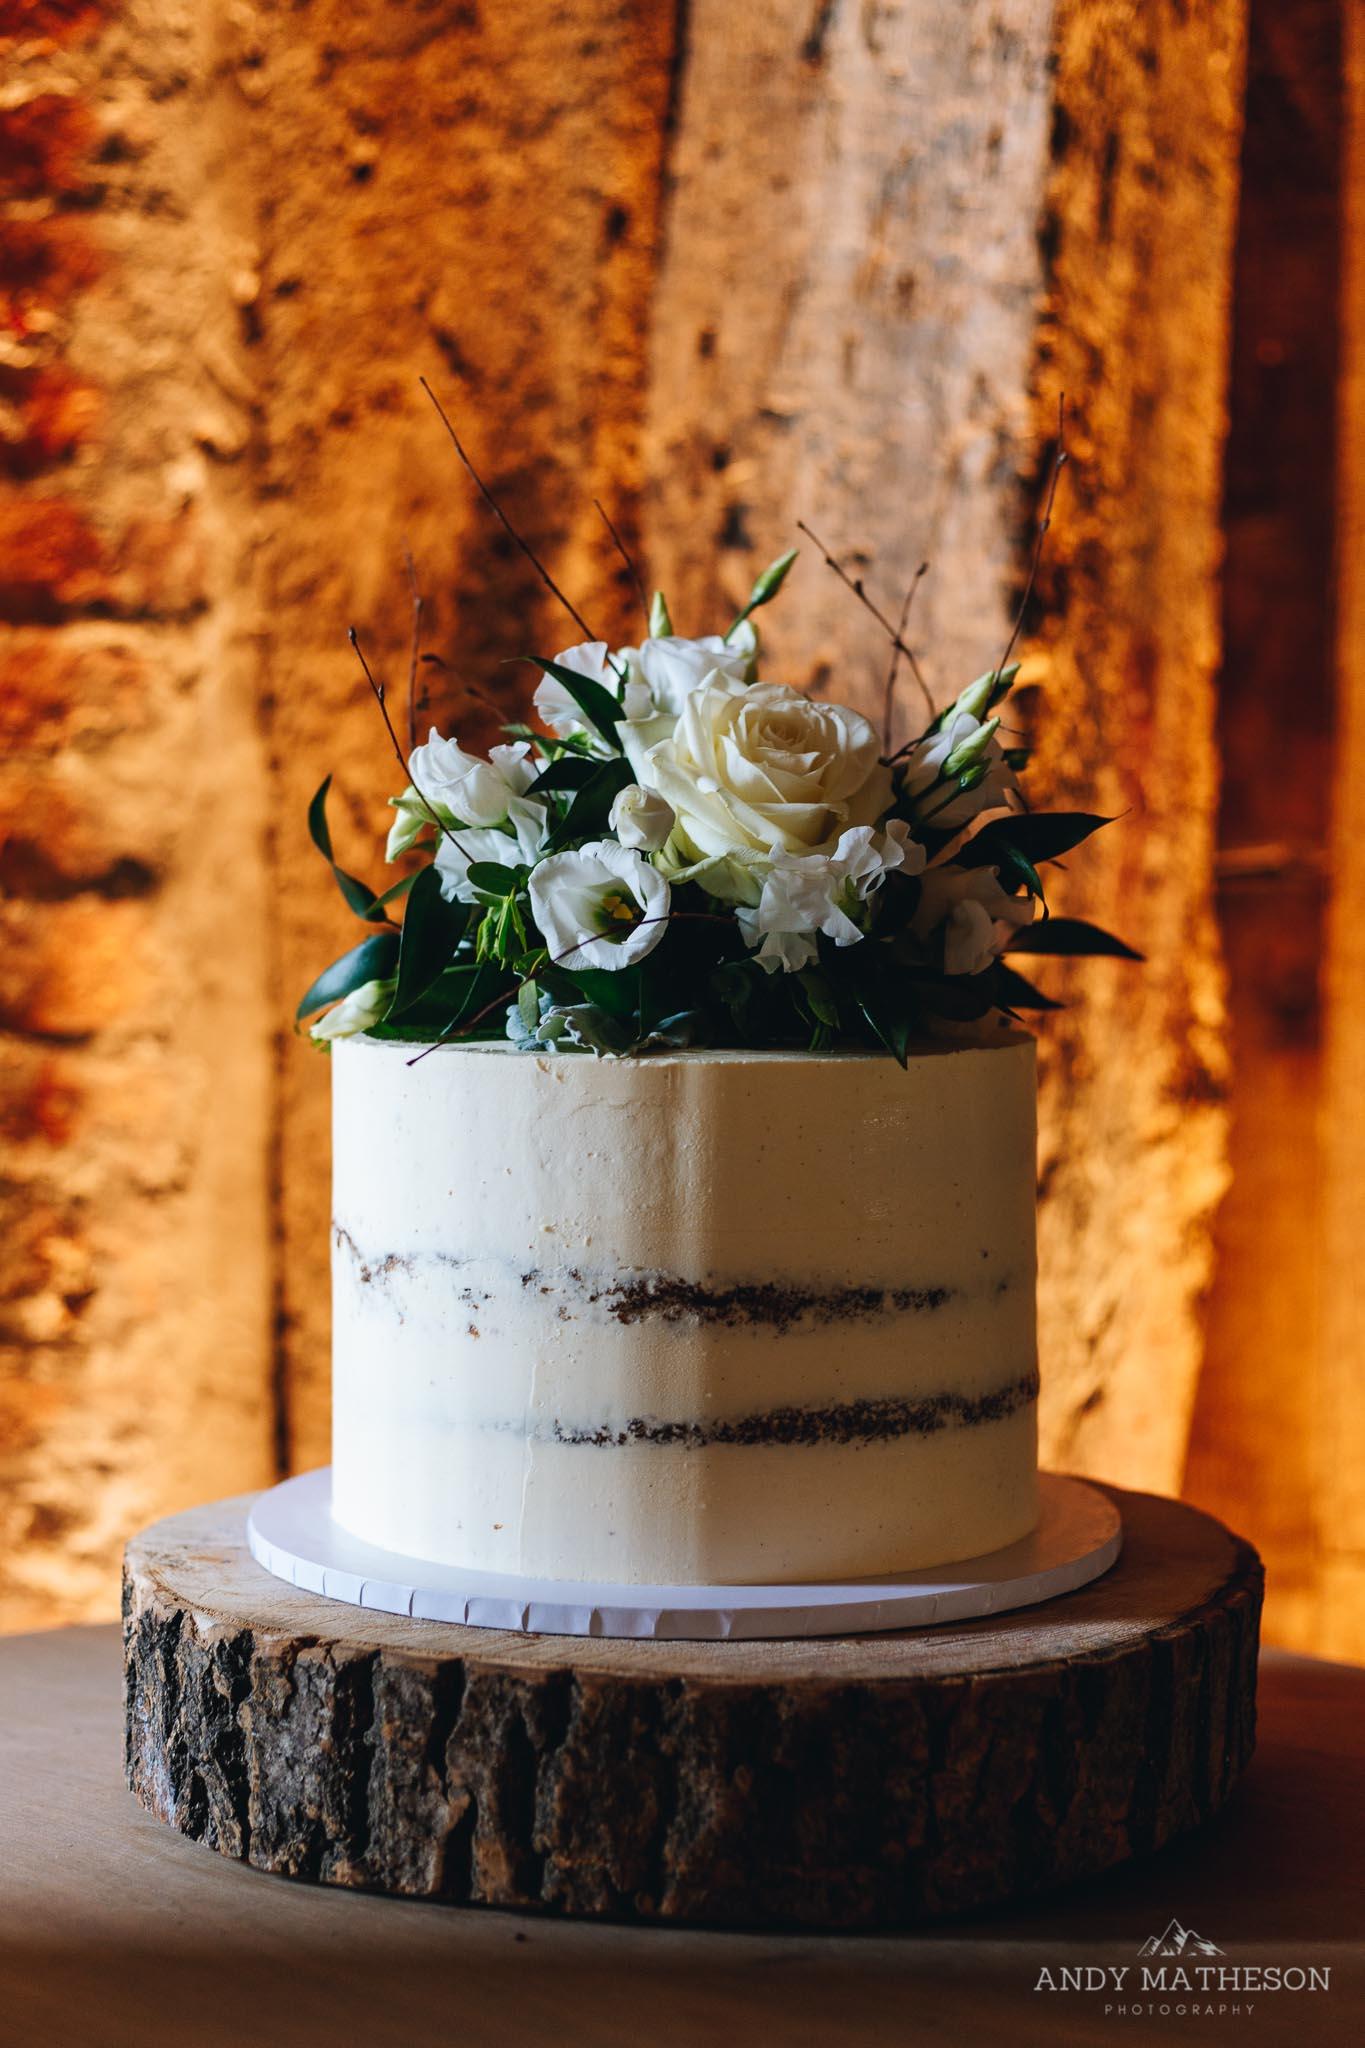 Tithe Barn Bolton Abbey Wedding Photographer_Andy Matheson_002.jpg